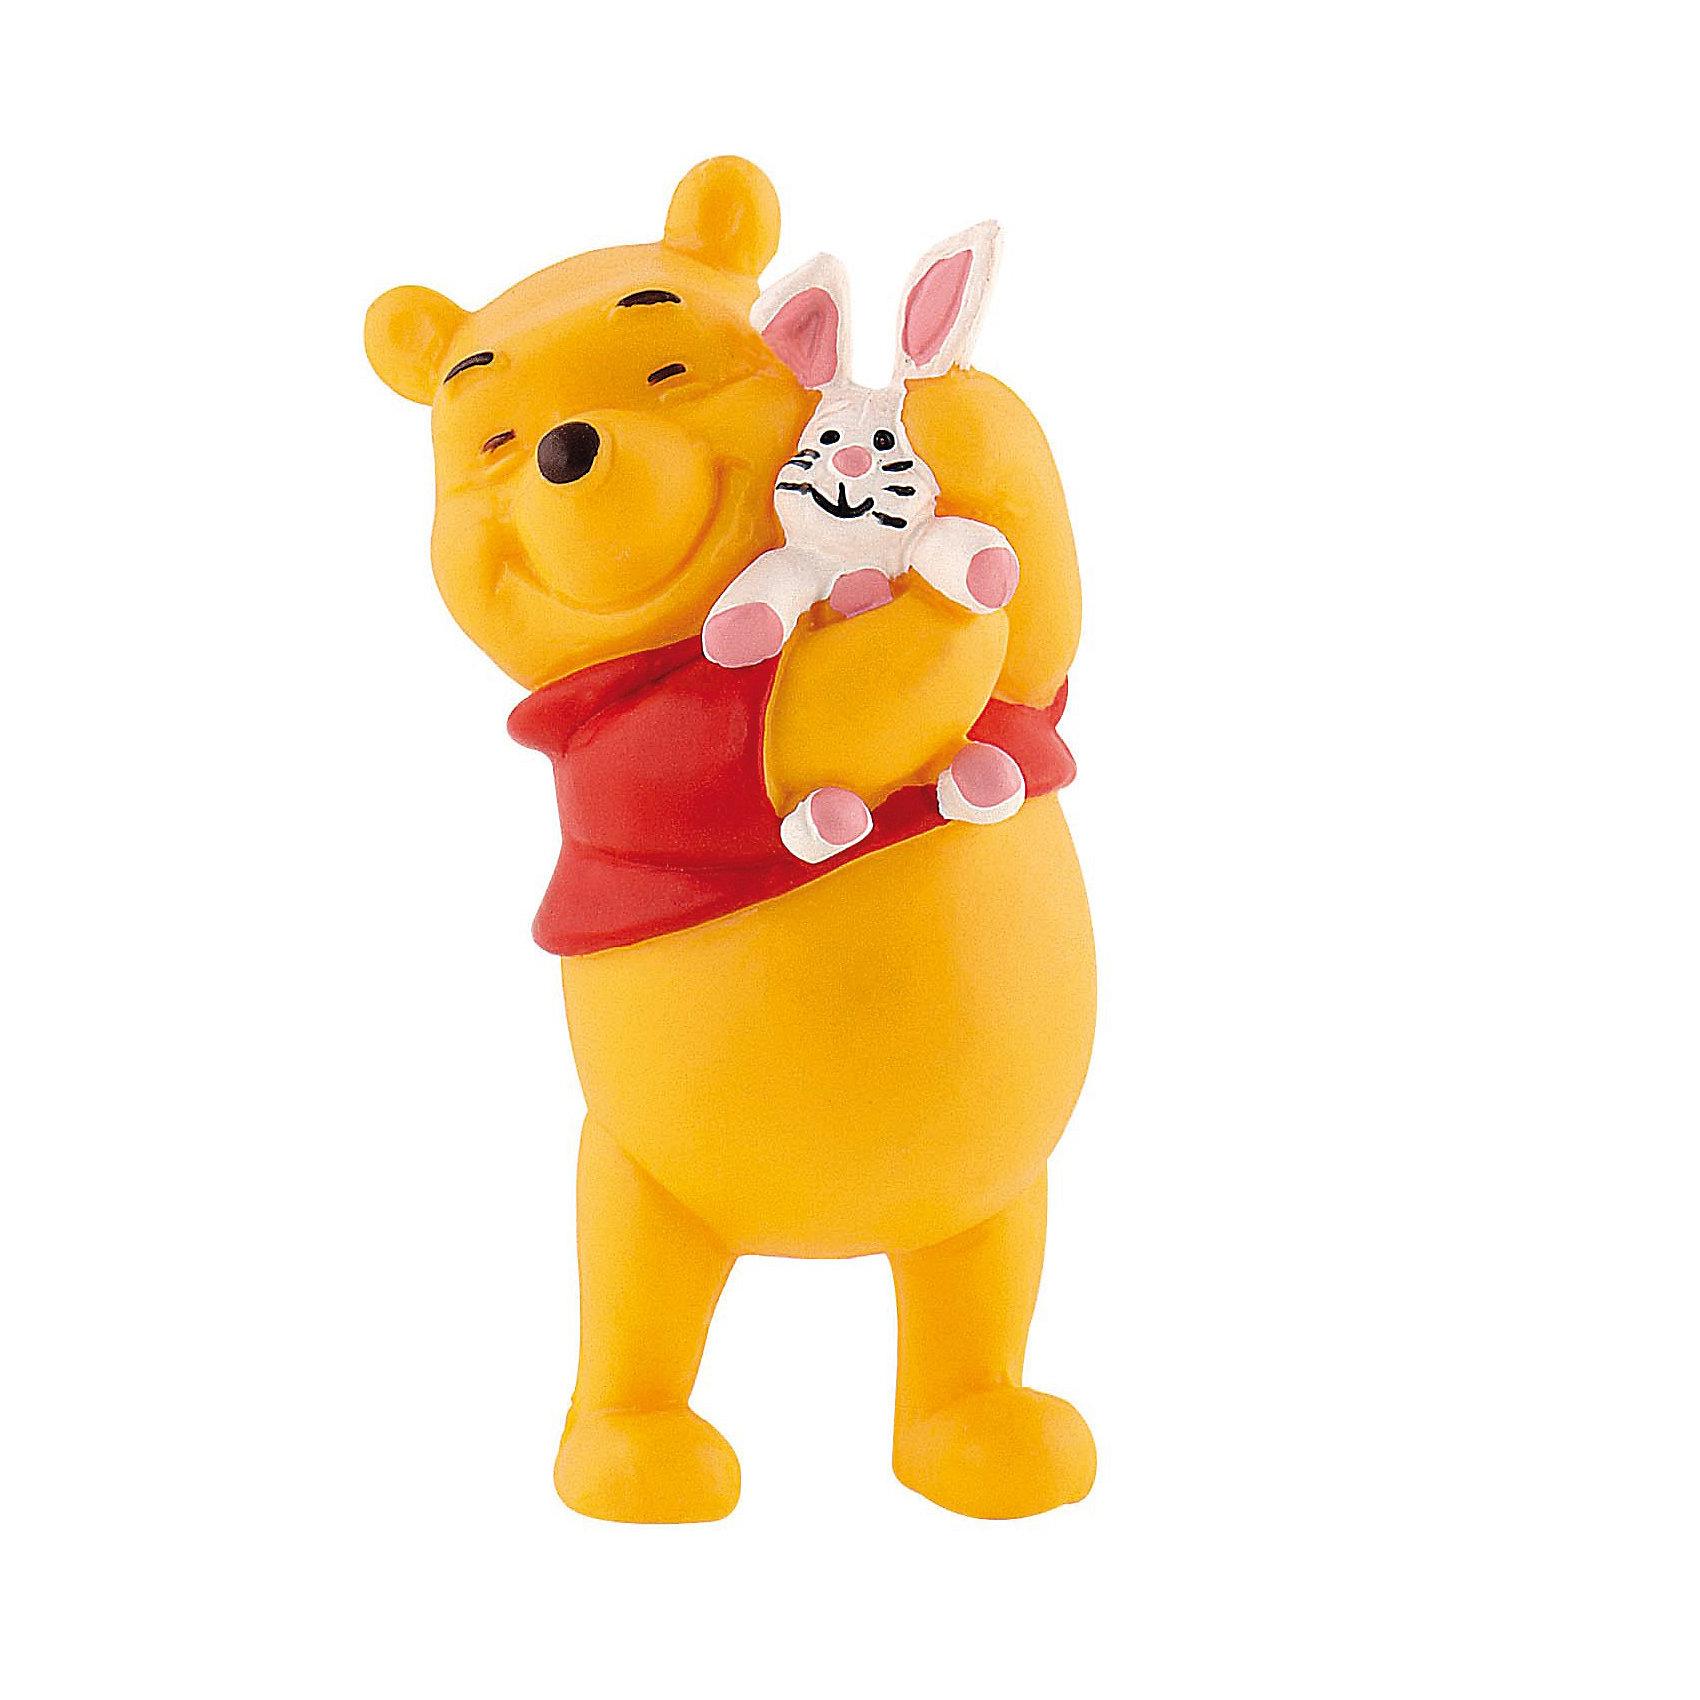 Фигурка Винни и кролик, Винни ПухКоллекционные и игровые фигурки<br>Фигурка Винни и Кролик из мультфильма студии Уолта Диснея «Винни-Пух и все, все, все». Образованный Кролик живет в норе. Он умеет читать, его пытливый ум помогает ему решить самые трудные ситуации. Персонаж любит Винни-Пуха за его веселый нрав и жизнелюбие. Кролик дружит со всеми обитателями леса, но, по сути, является одиночкой. Фигурка Винни-Пуха с Кроликом, выражает тепло и привязанность персонажей друг к другу. Игрушка выполнена из высококачественных, нетоксичных материалов и безопасна для детей.<br><br>Дополнительная информация:<br><br>Размер:6,3 см <br>Материал: термопластичный каучук высокого качества. <br> <br>Фигурку Винни и кролик,  Disney можно купить в нашем магазине.<br><br>Ширина мм: 26<br>Глубина мм: 26<br>Высота мм: 66<br>Вес г: 23<br>Возраст от месяцев: 36<br>Возраст до месяцев: 1164<br>Пол: Женский<br>Возраст: Детский<br>SKU: 2270193